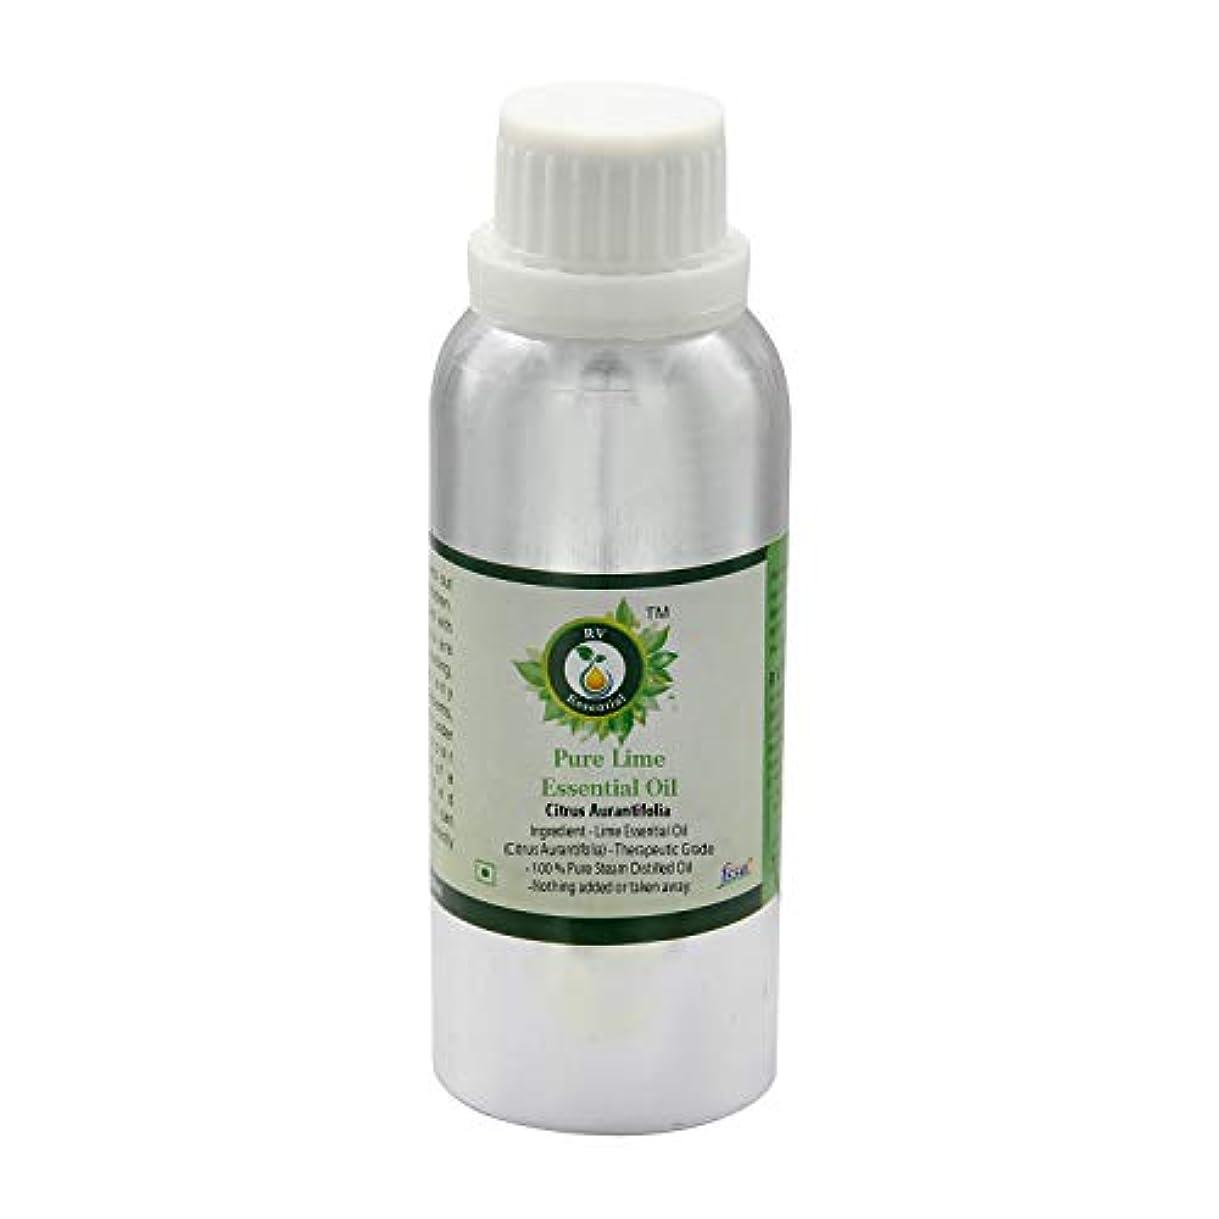 ポーチ疫病剃るピュアライムエッセンシャルオイル630ml (21oz)- Citrus Aurantifolia (100%純粋&天然スチームDistilled) Pure Lime Essential Oil